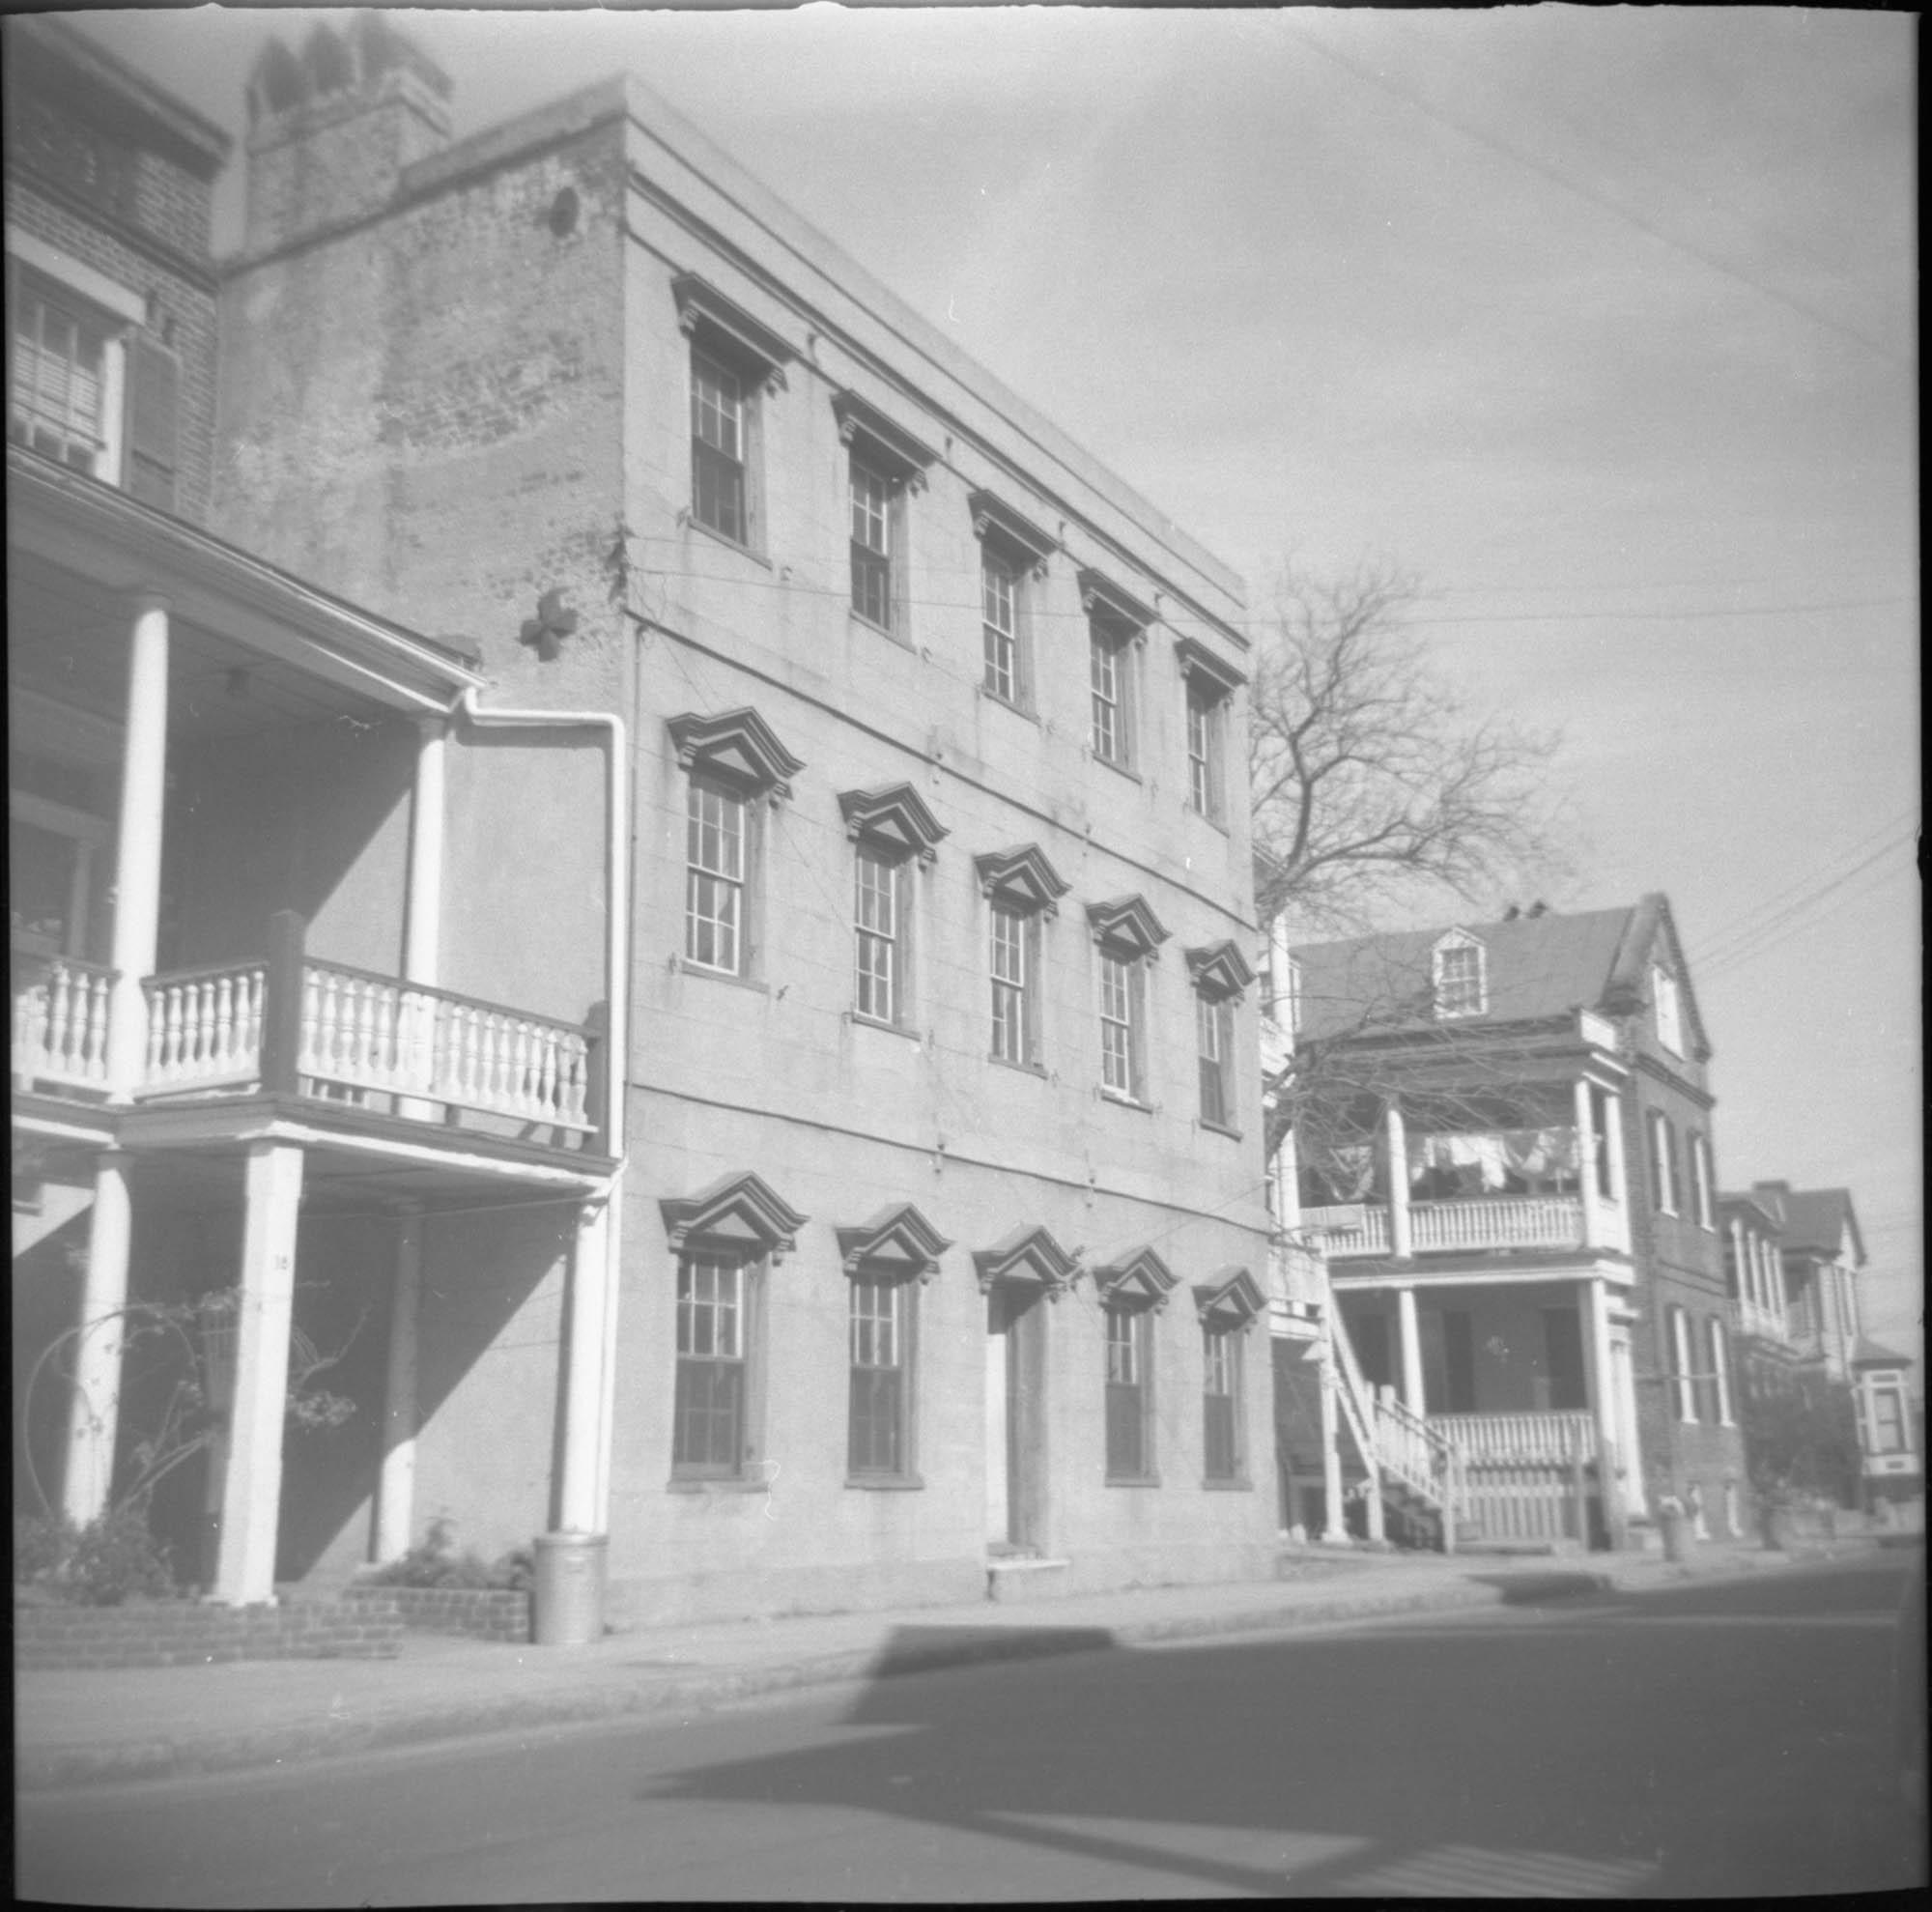 14-16 Wentworth Street